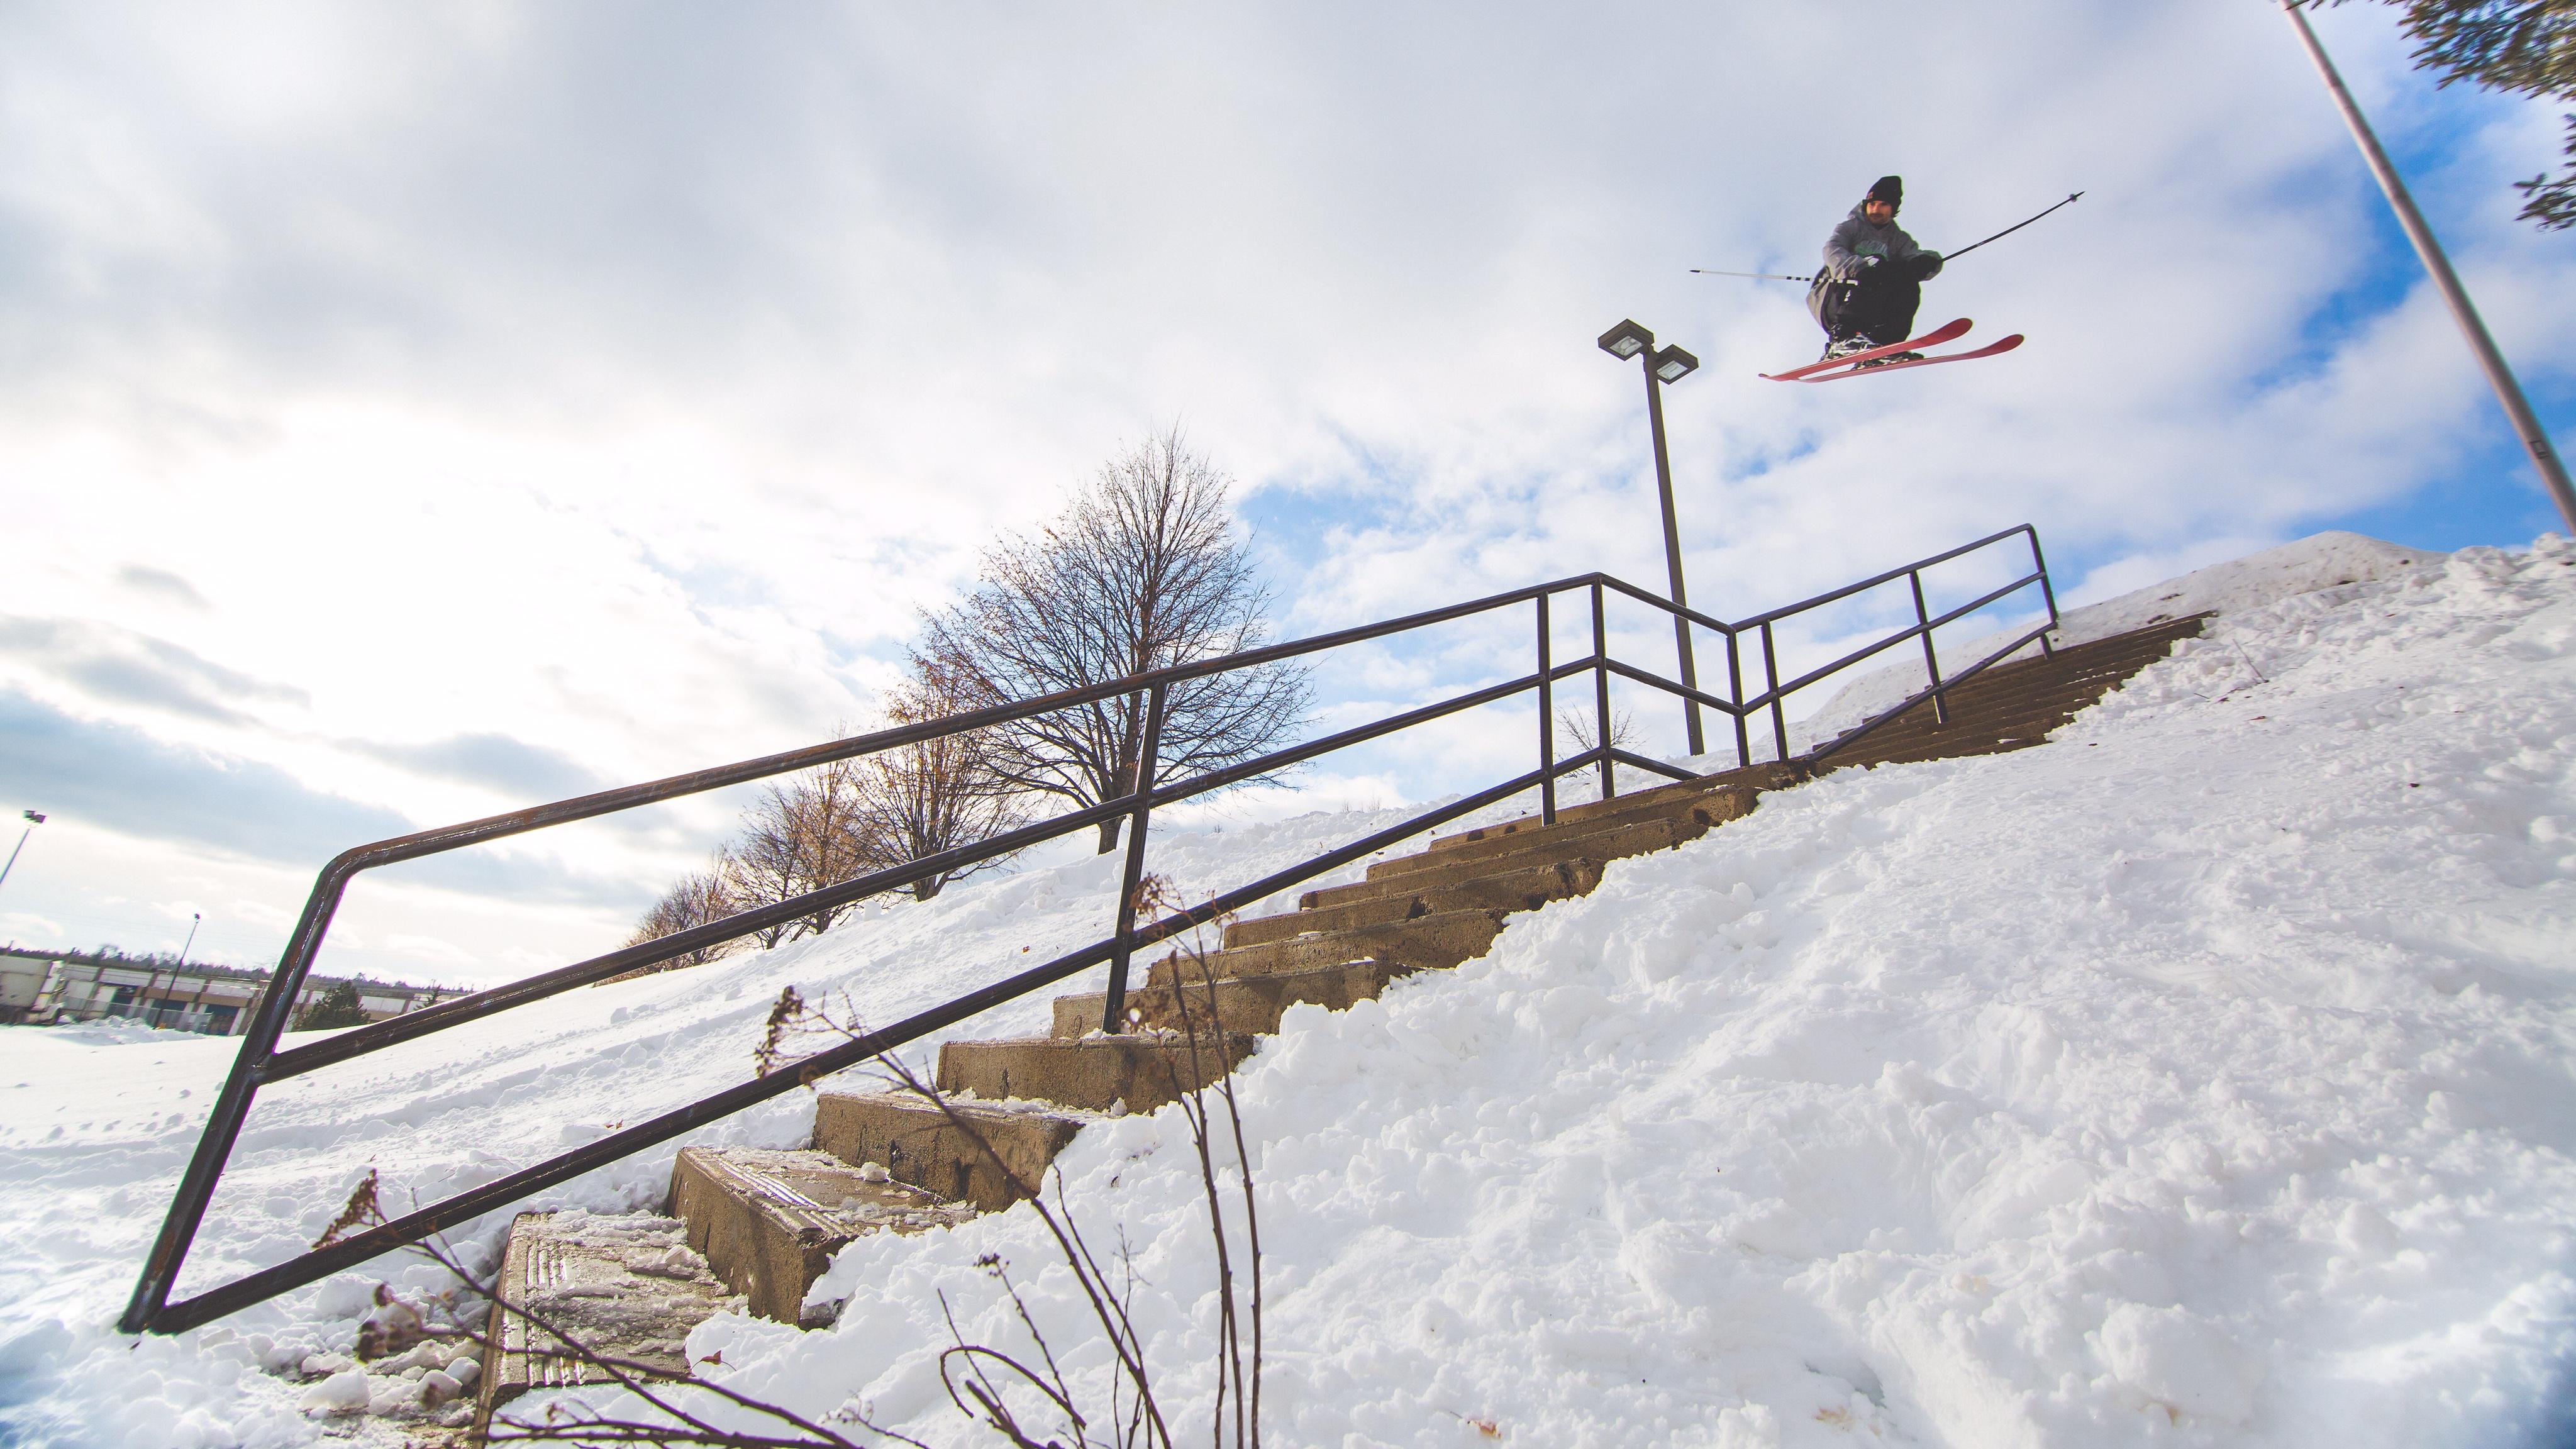 jean-francois-houle-ski-urbain-3037964